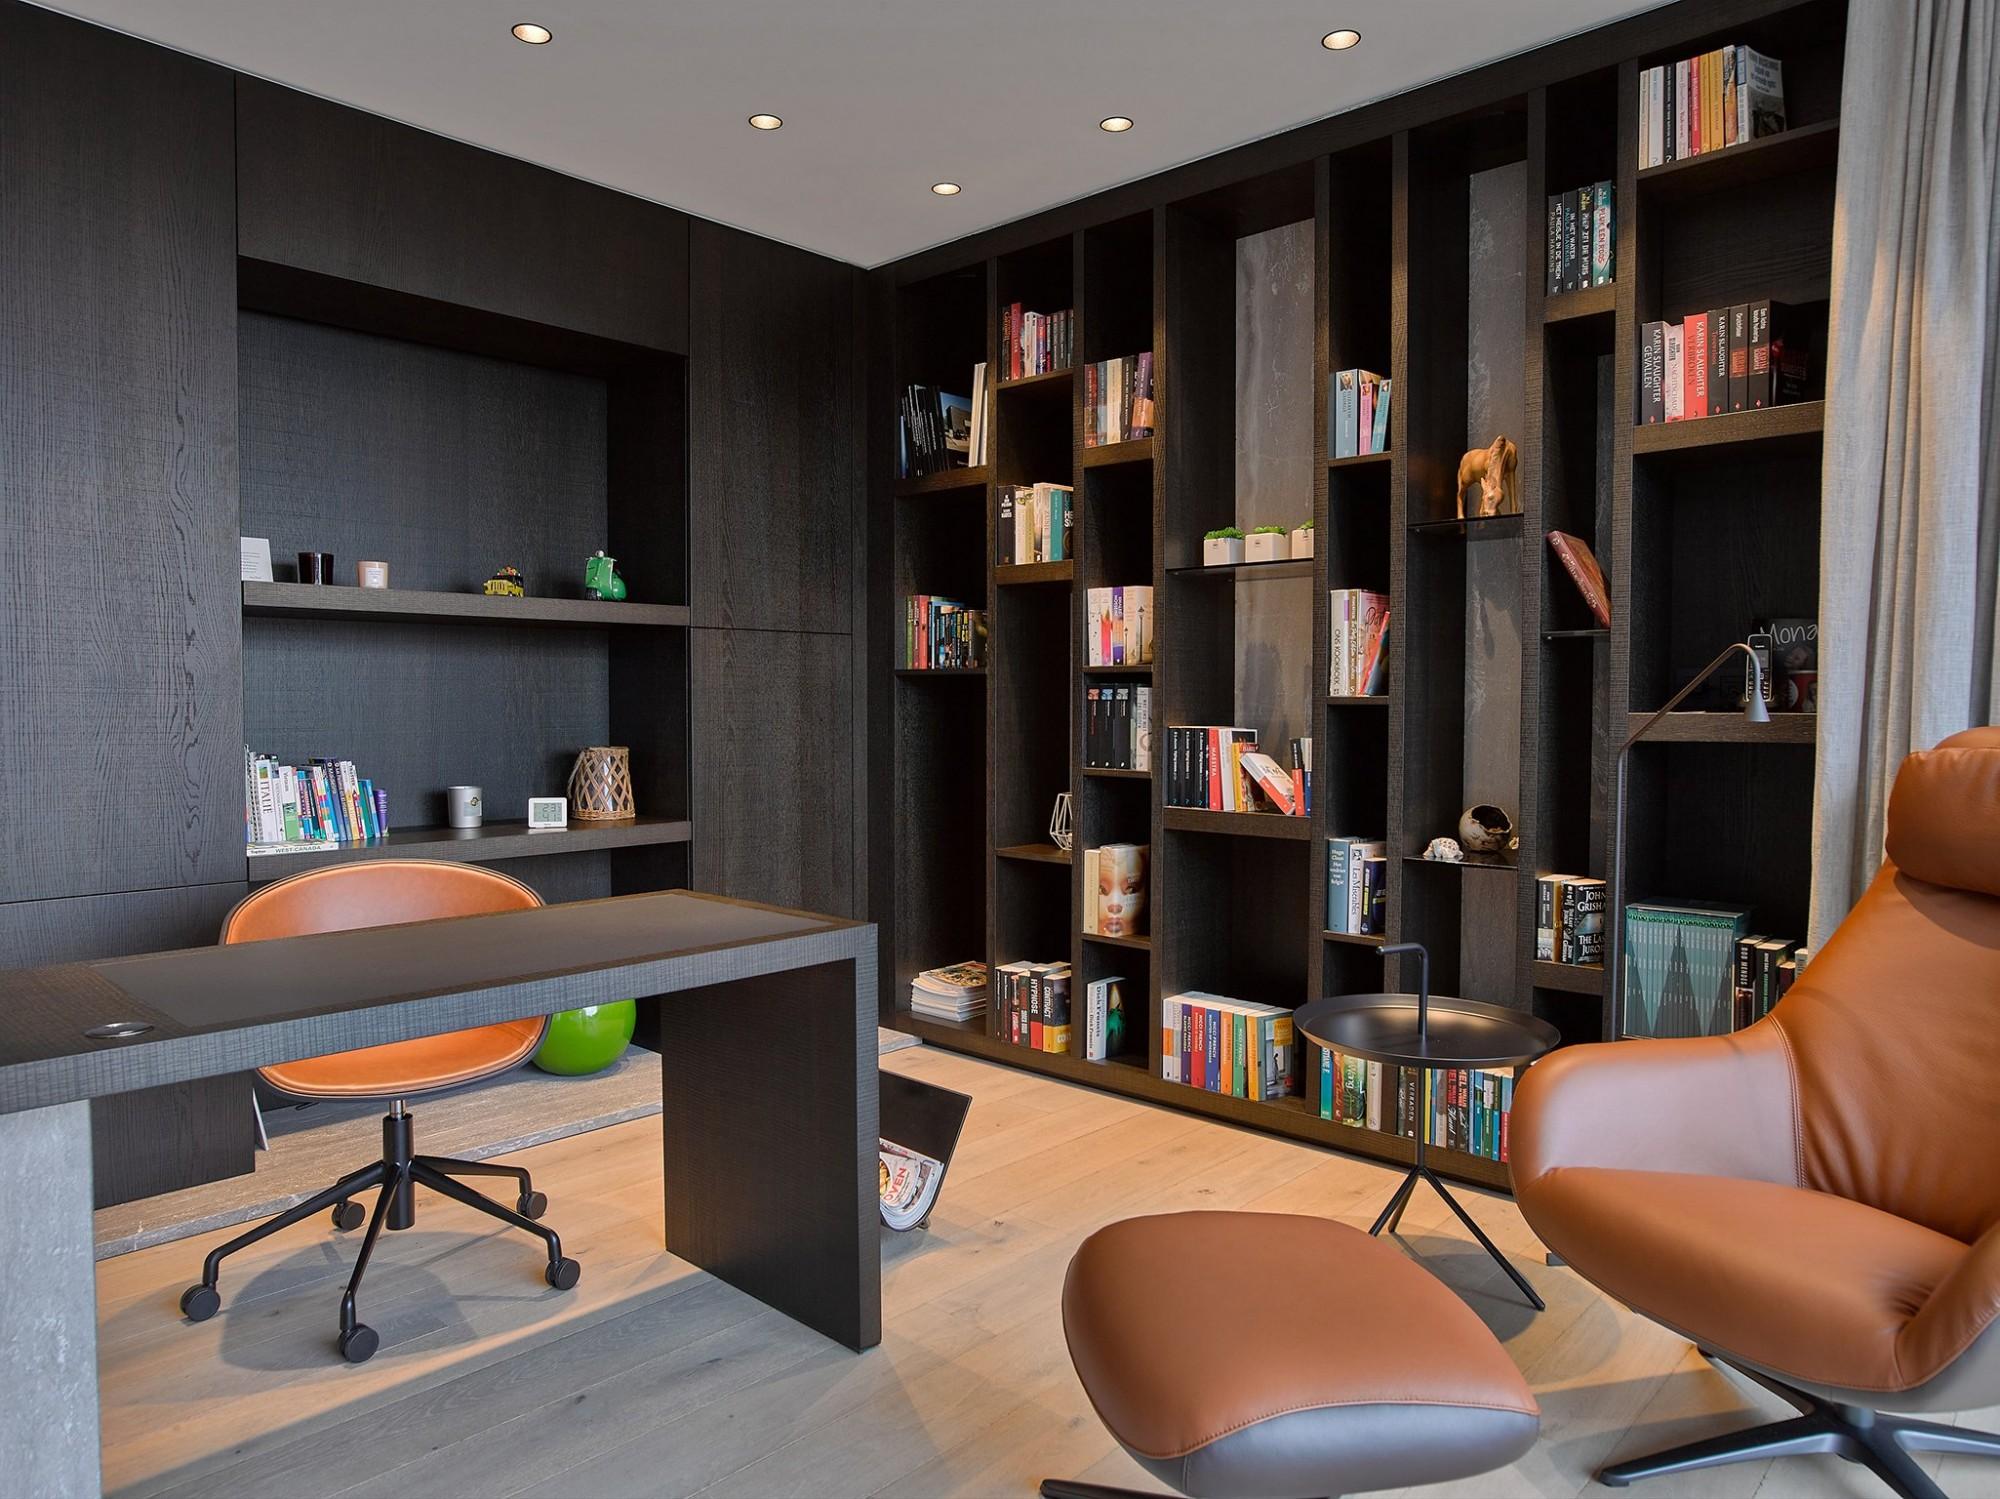 Afbeelding: Woning interieur voor © totaal projecten Vergalle, fotografie foto Van Huffel